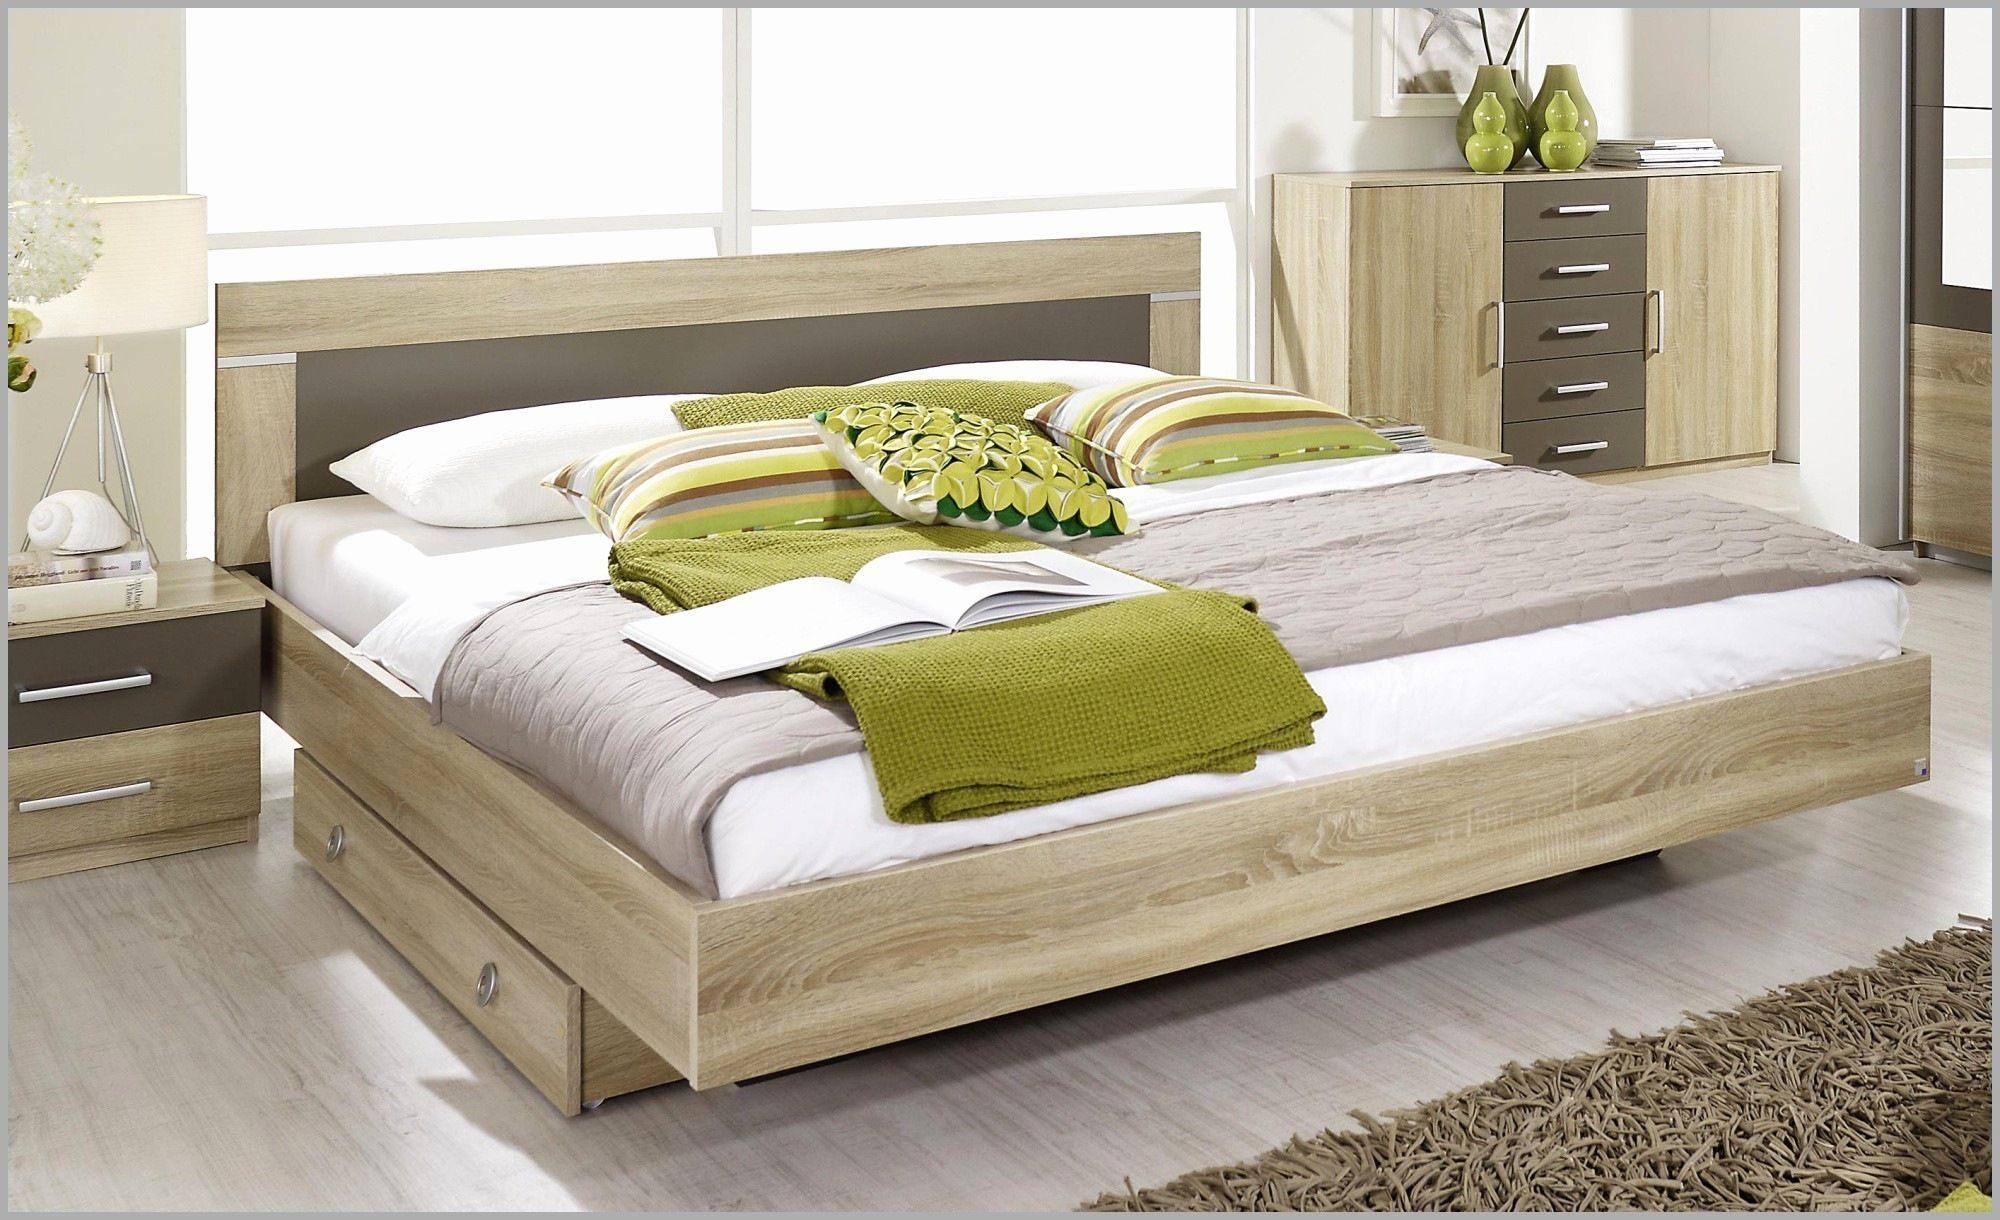 Lit Plateforme Ikea Impressionnant Tete De Lit Rangement Cheval En Bois Ikea Impressionnant Image Tete